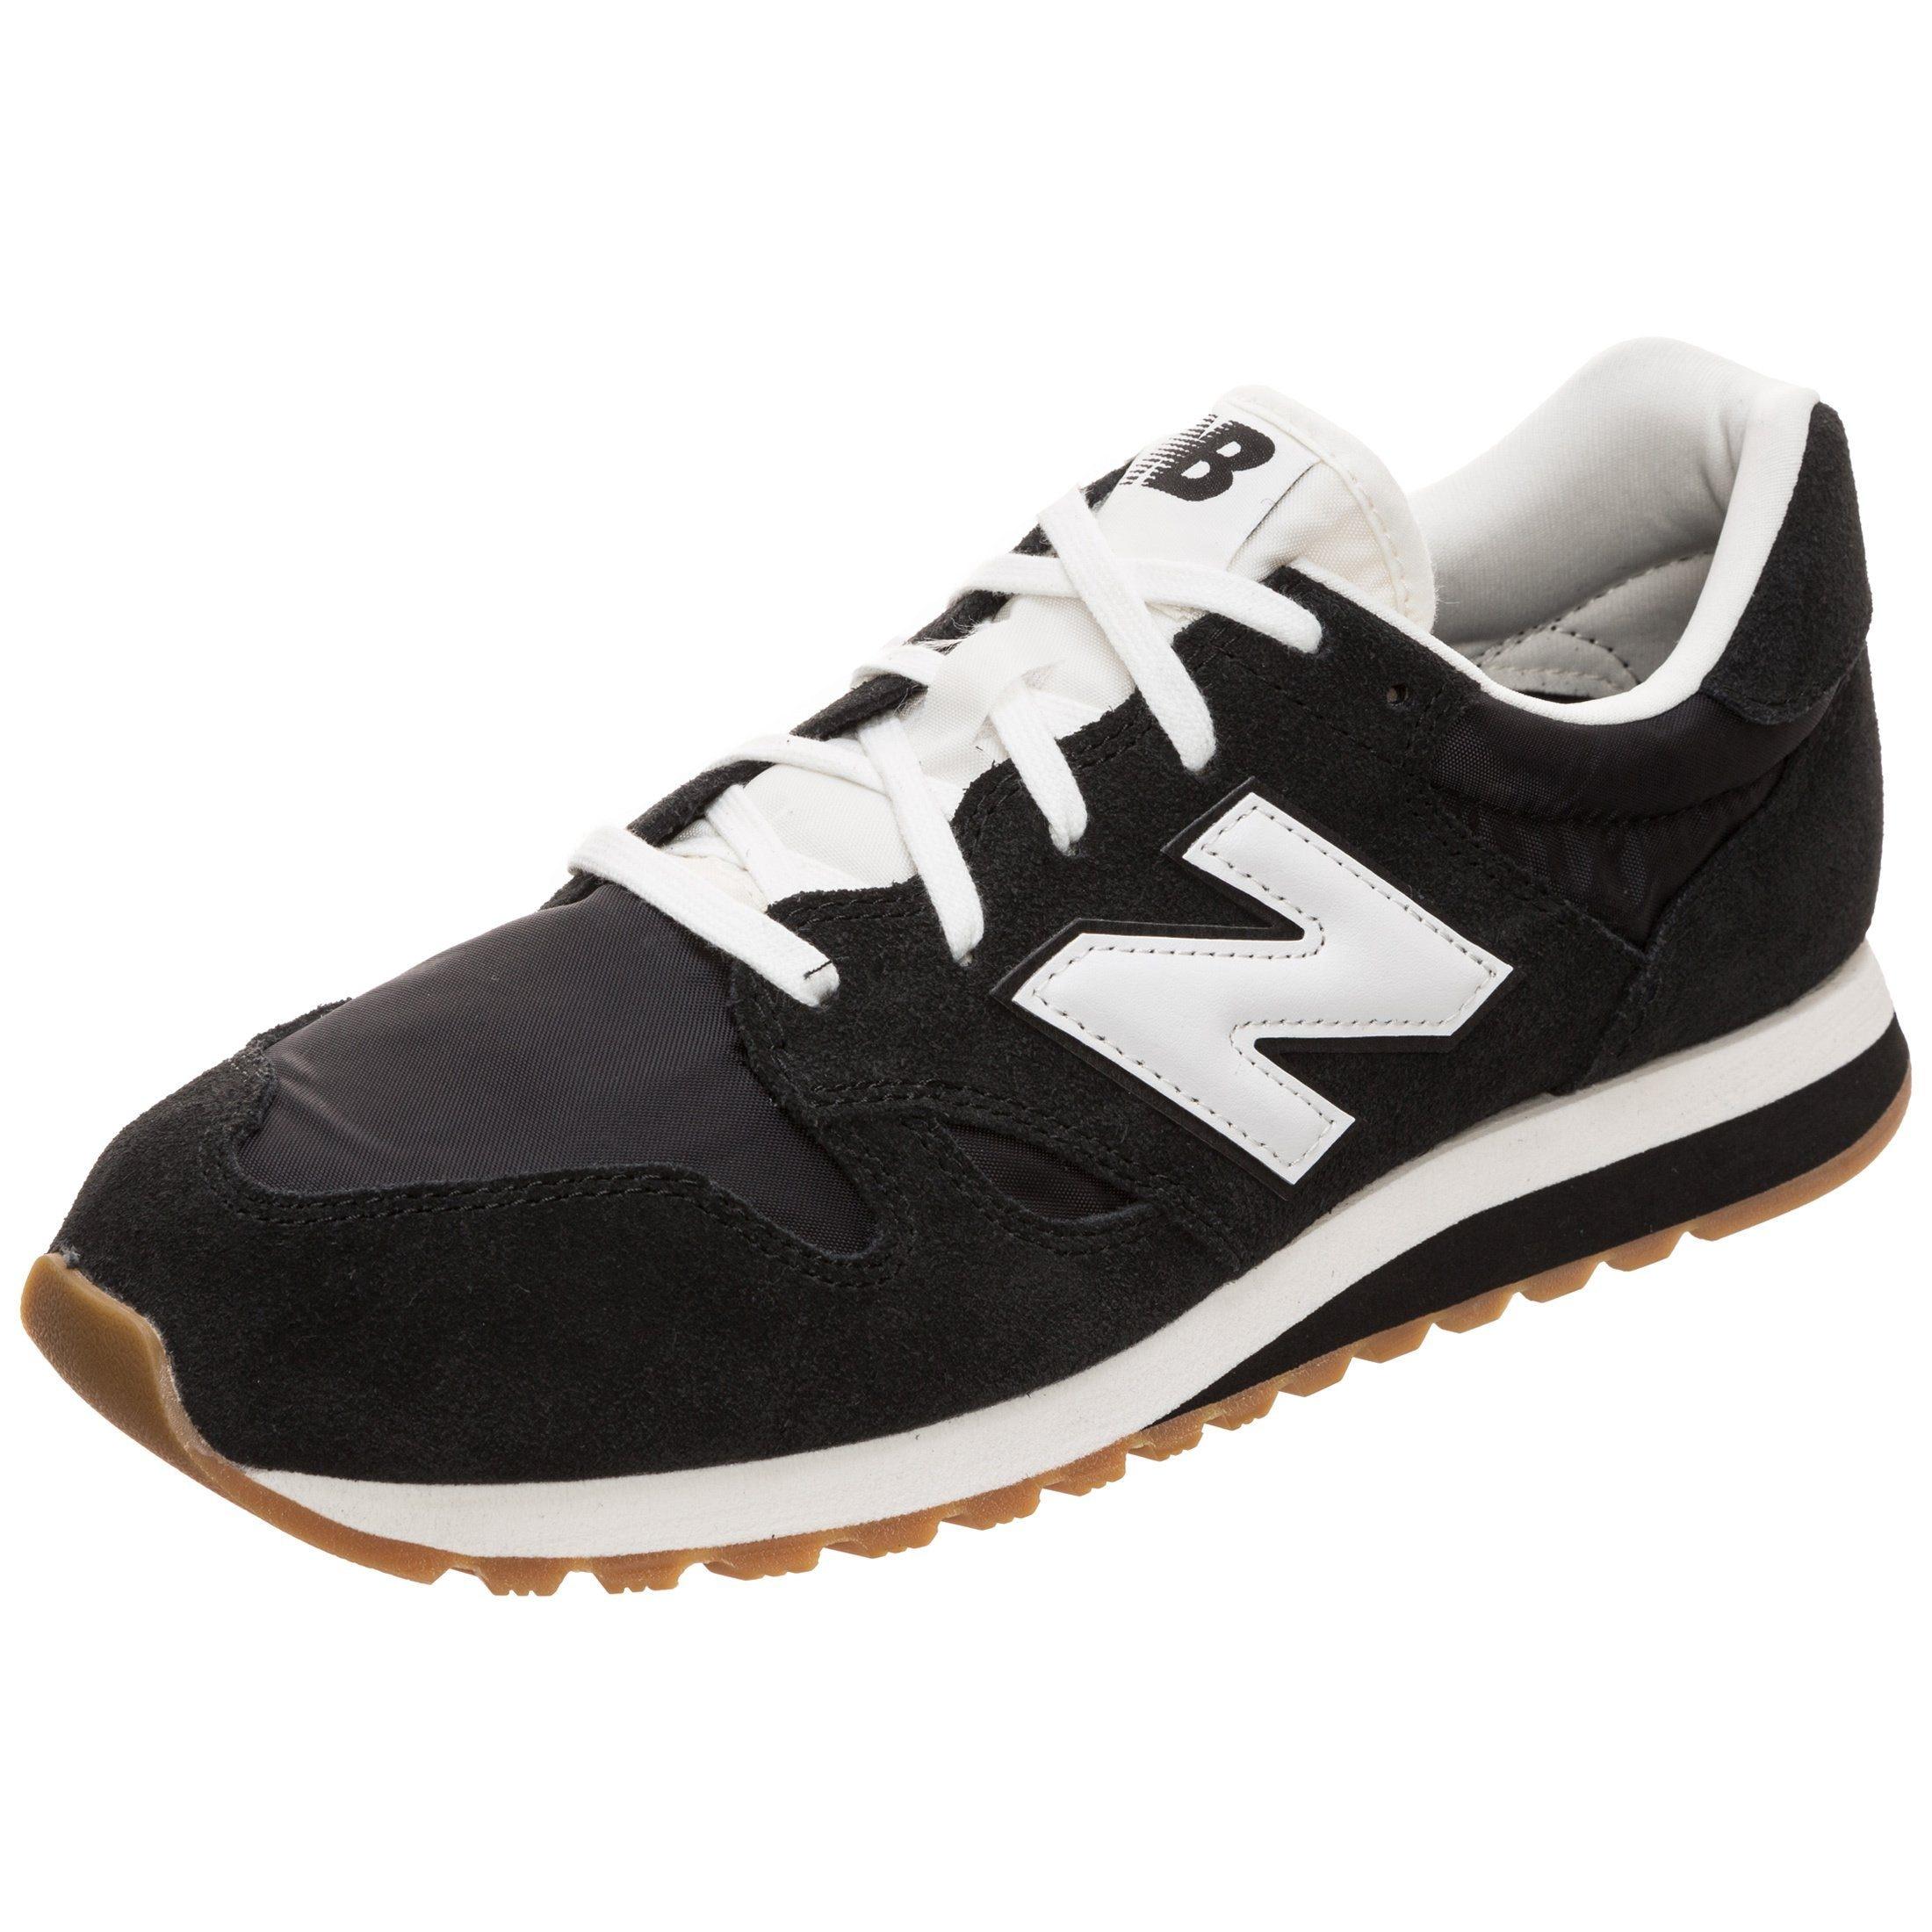 New Balance Sneaker »U520-cb-d« günstig online kaufen | Gutes Preis-Leistungs-Verhältnis, es lohnt sich